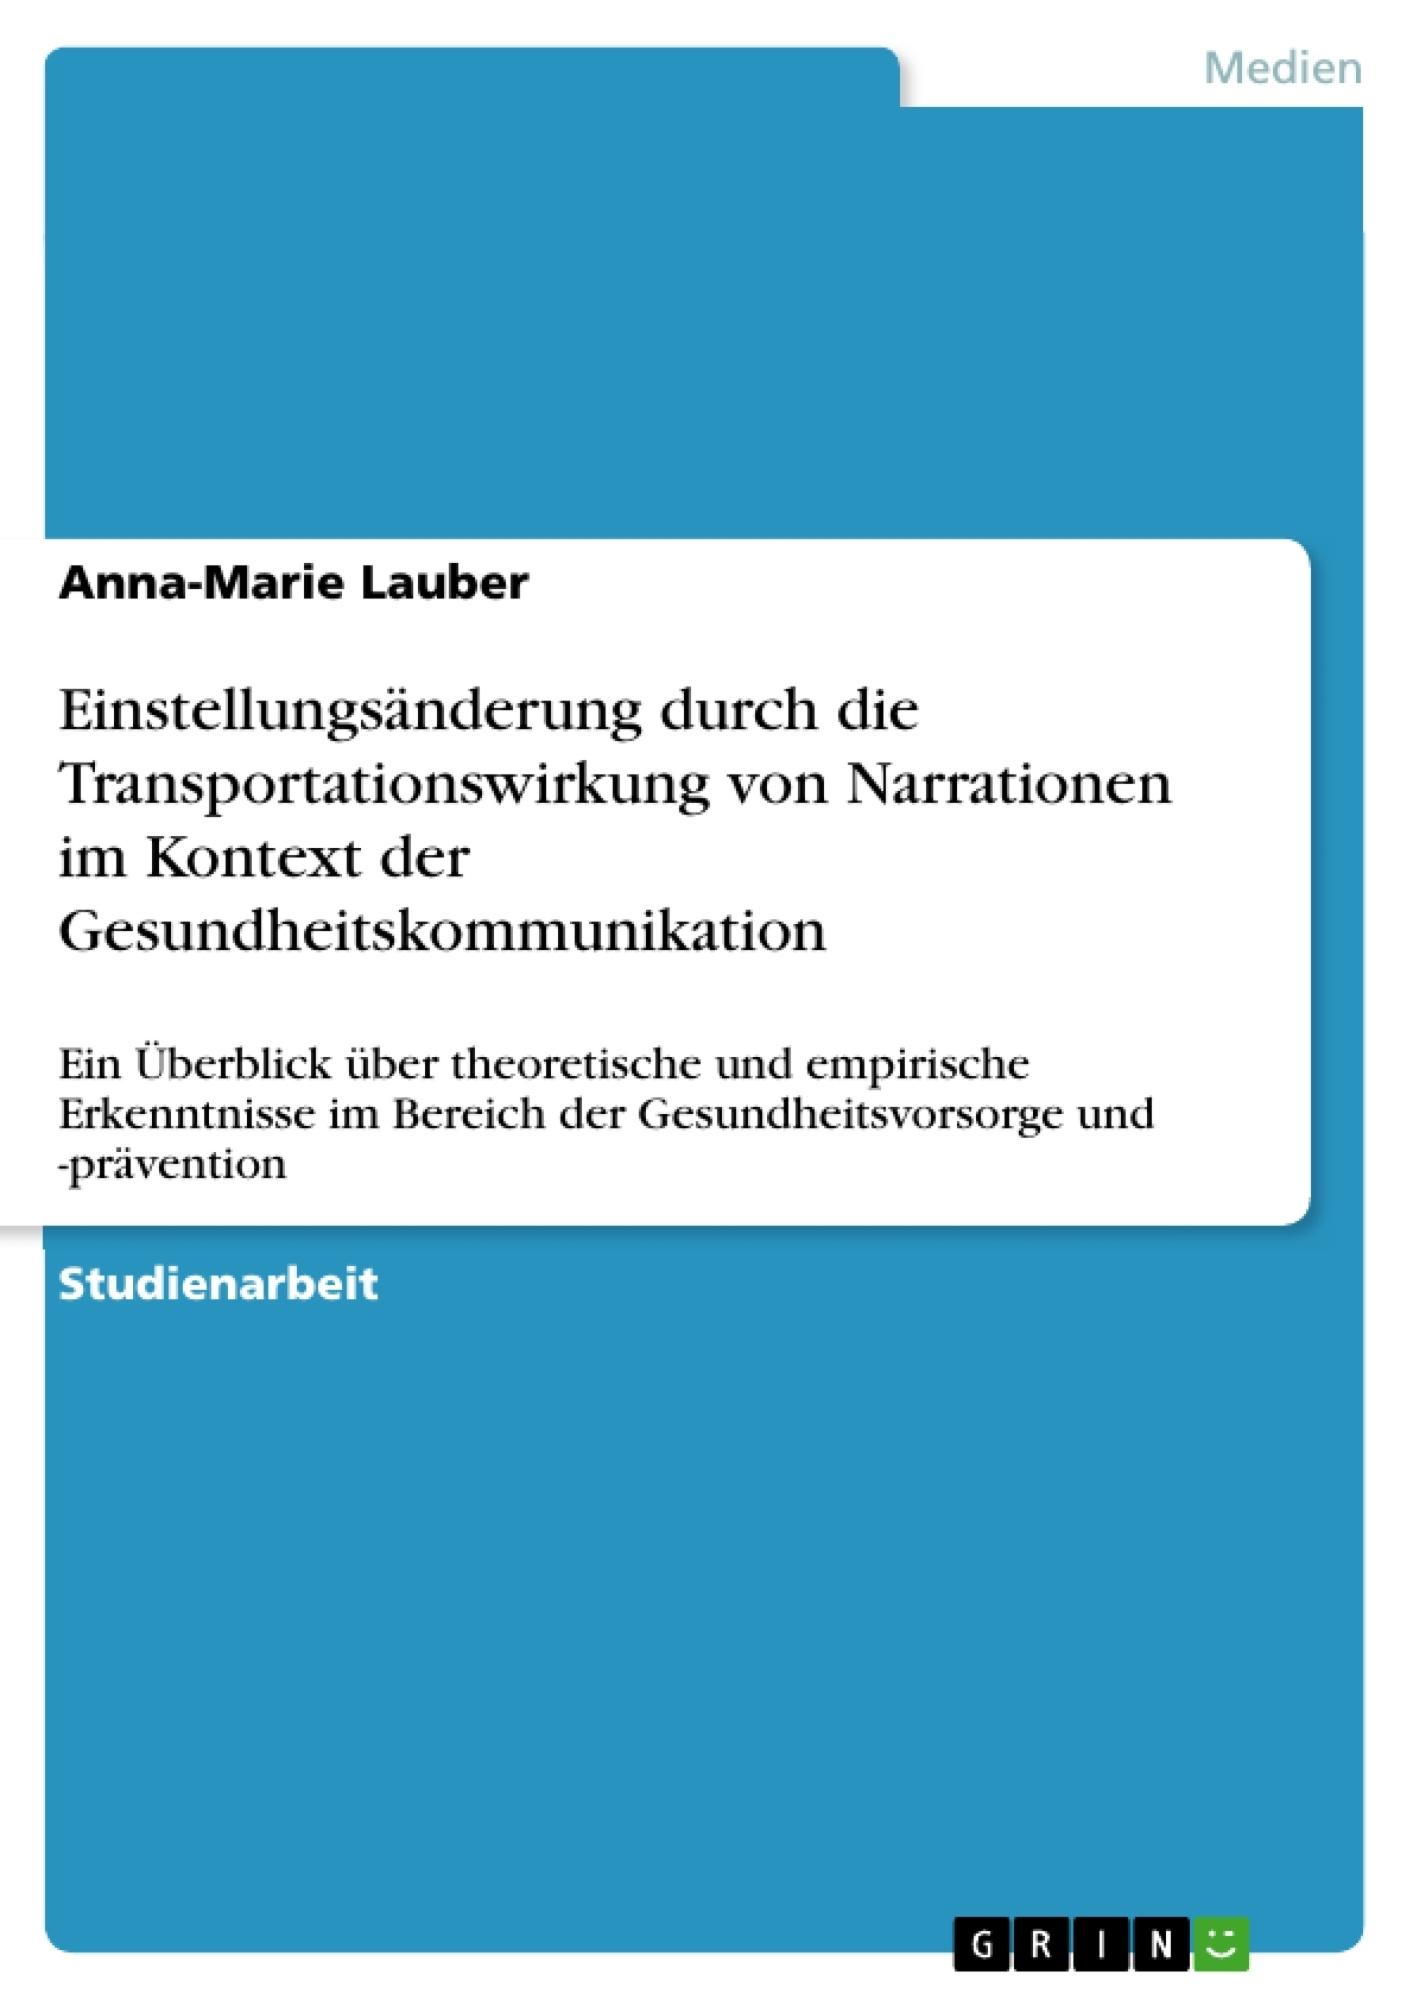 Titel: Einstellungsänderung durch die Transportationswirkung von Narrationen im Kontext der Gesundheitskommunikation